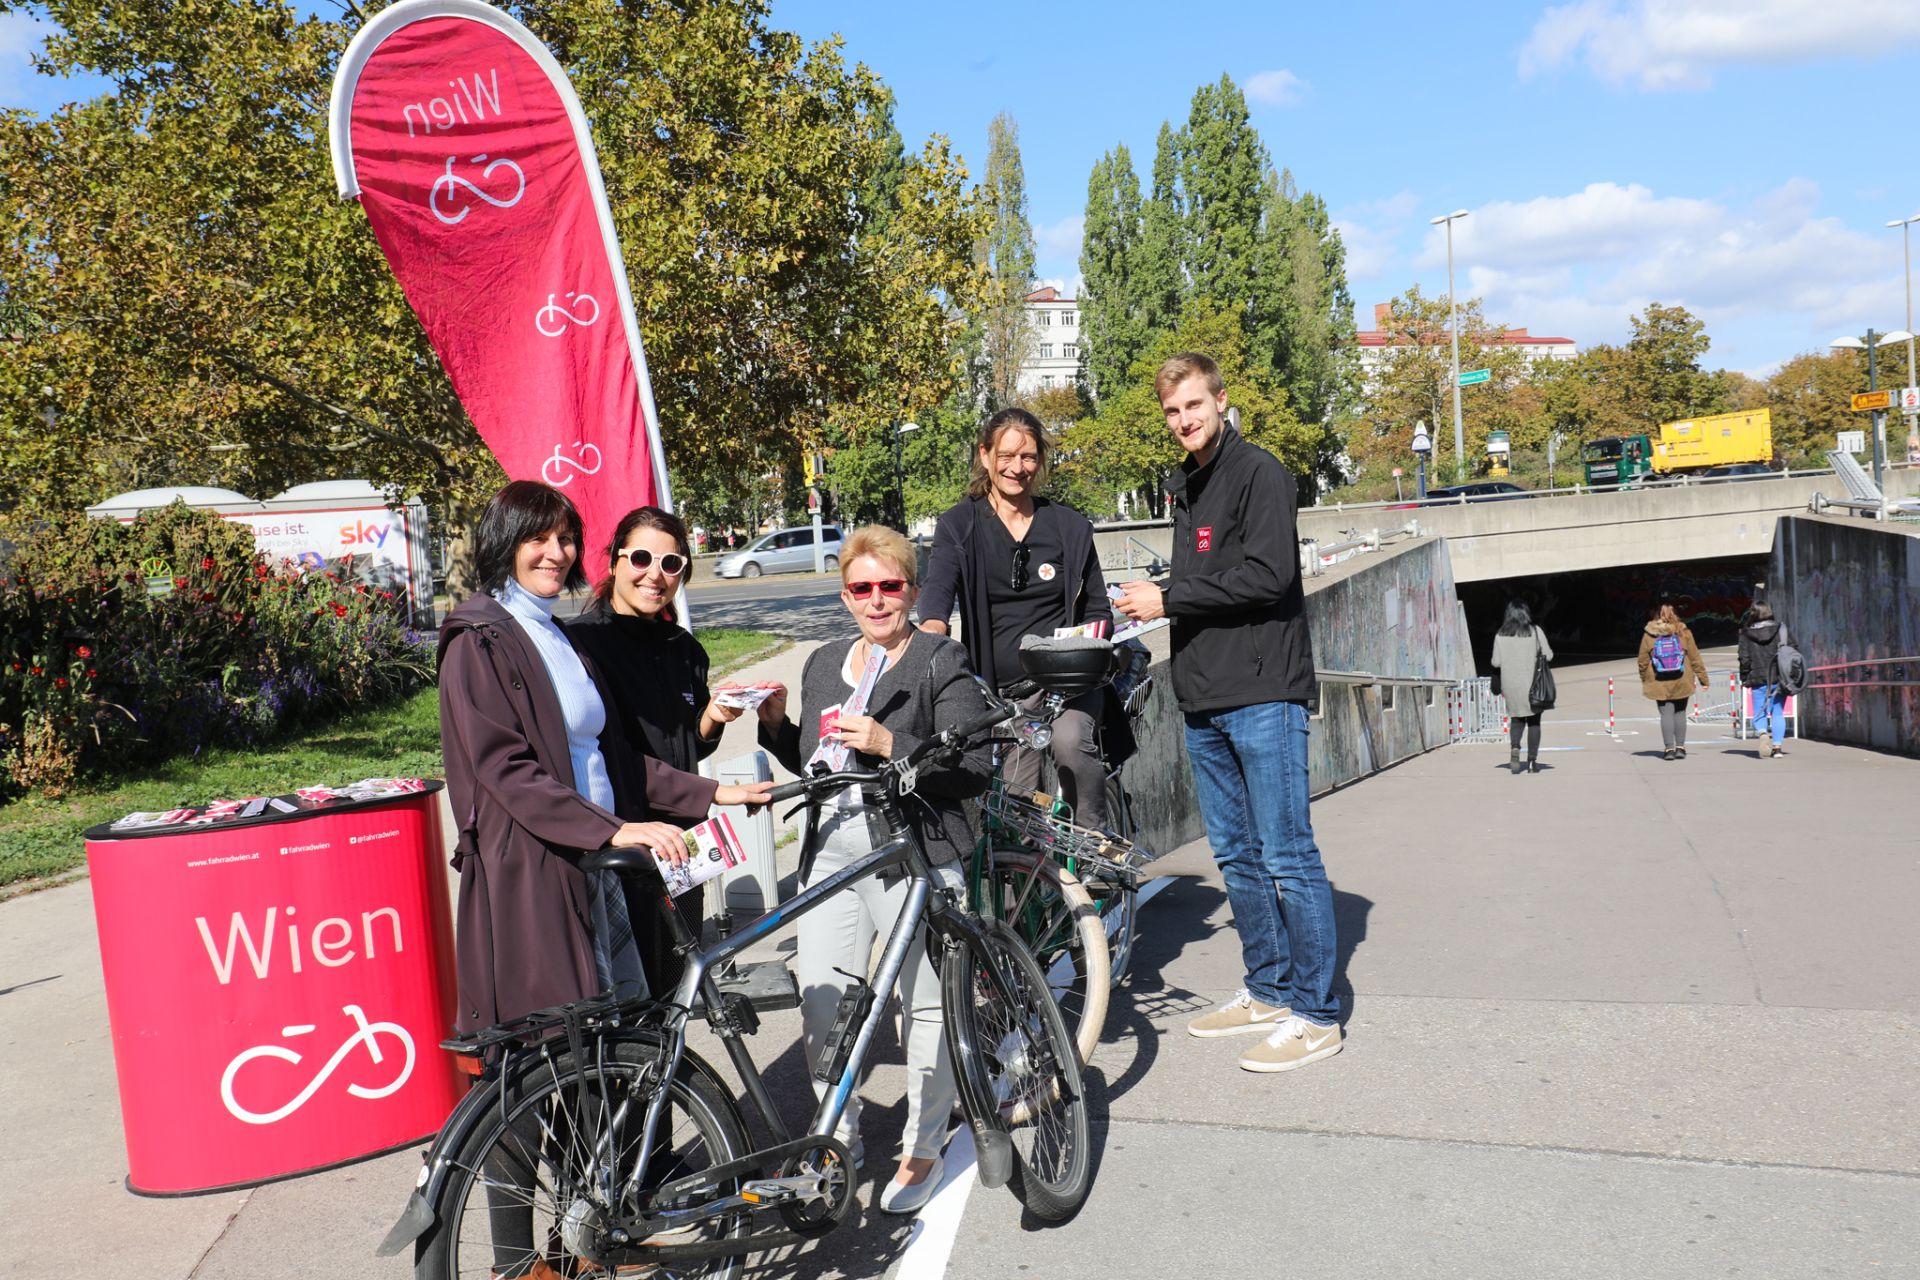 In der Unterführung Friedrich-Engels-Platz darf seit Oktober 2018 auch Radgefahren werden. Fahrrad Wien machte gemeinsam mit BezirksvertreterInnen darauf aufmerksam, dass es gilt langsam und rücksichtsvoll unterwegs zu sein. Foto: Christian Fürthner